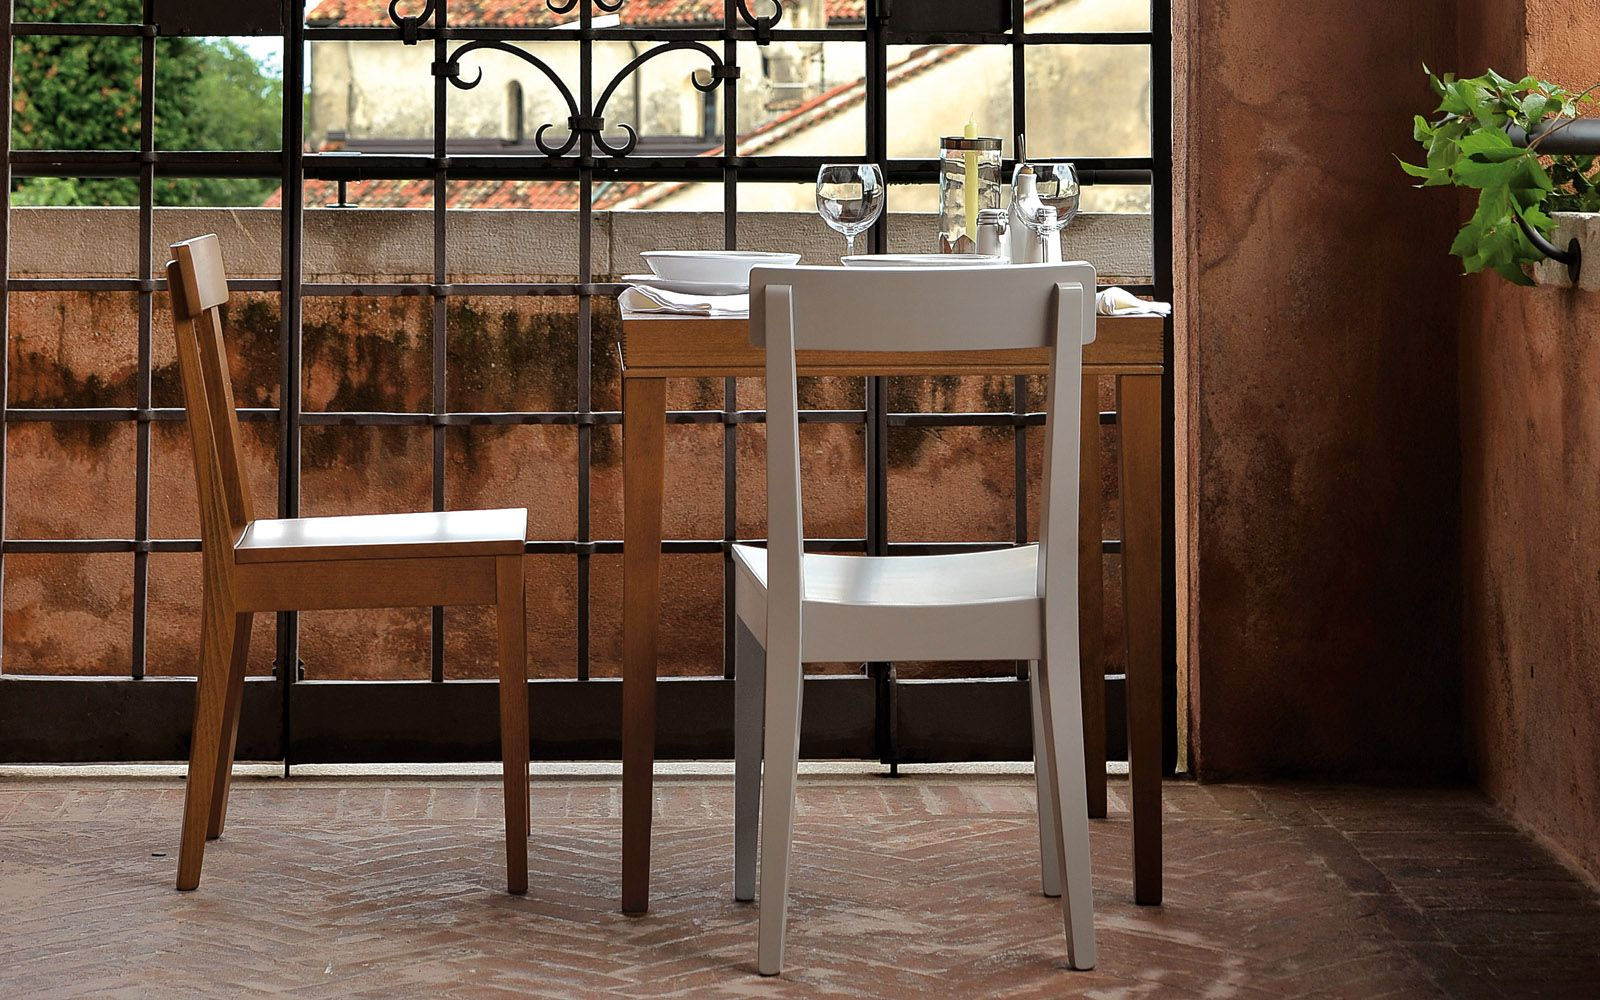 Sedie modello la locanda calligaris cs 1101 for Modelli sedie cucina